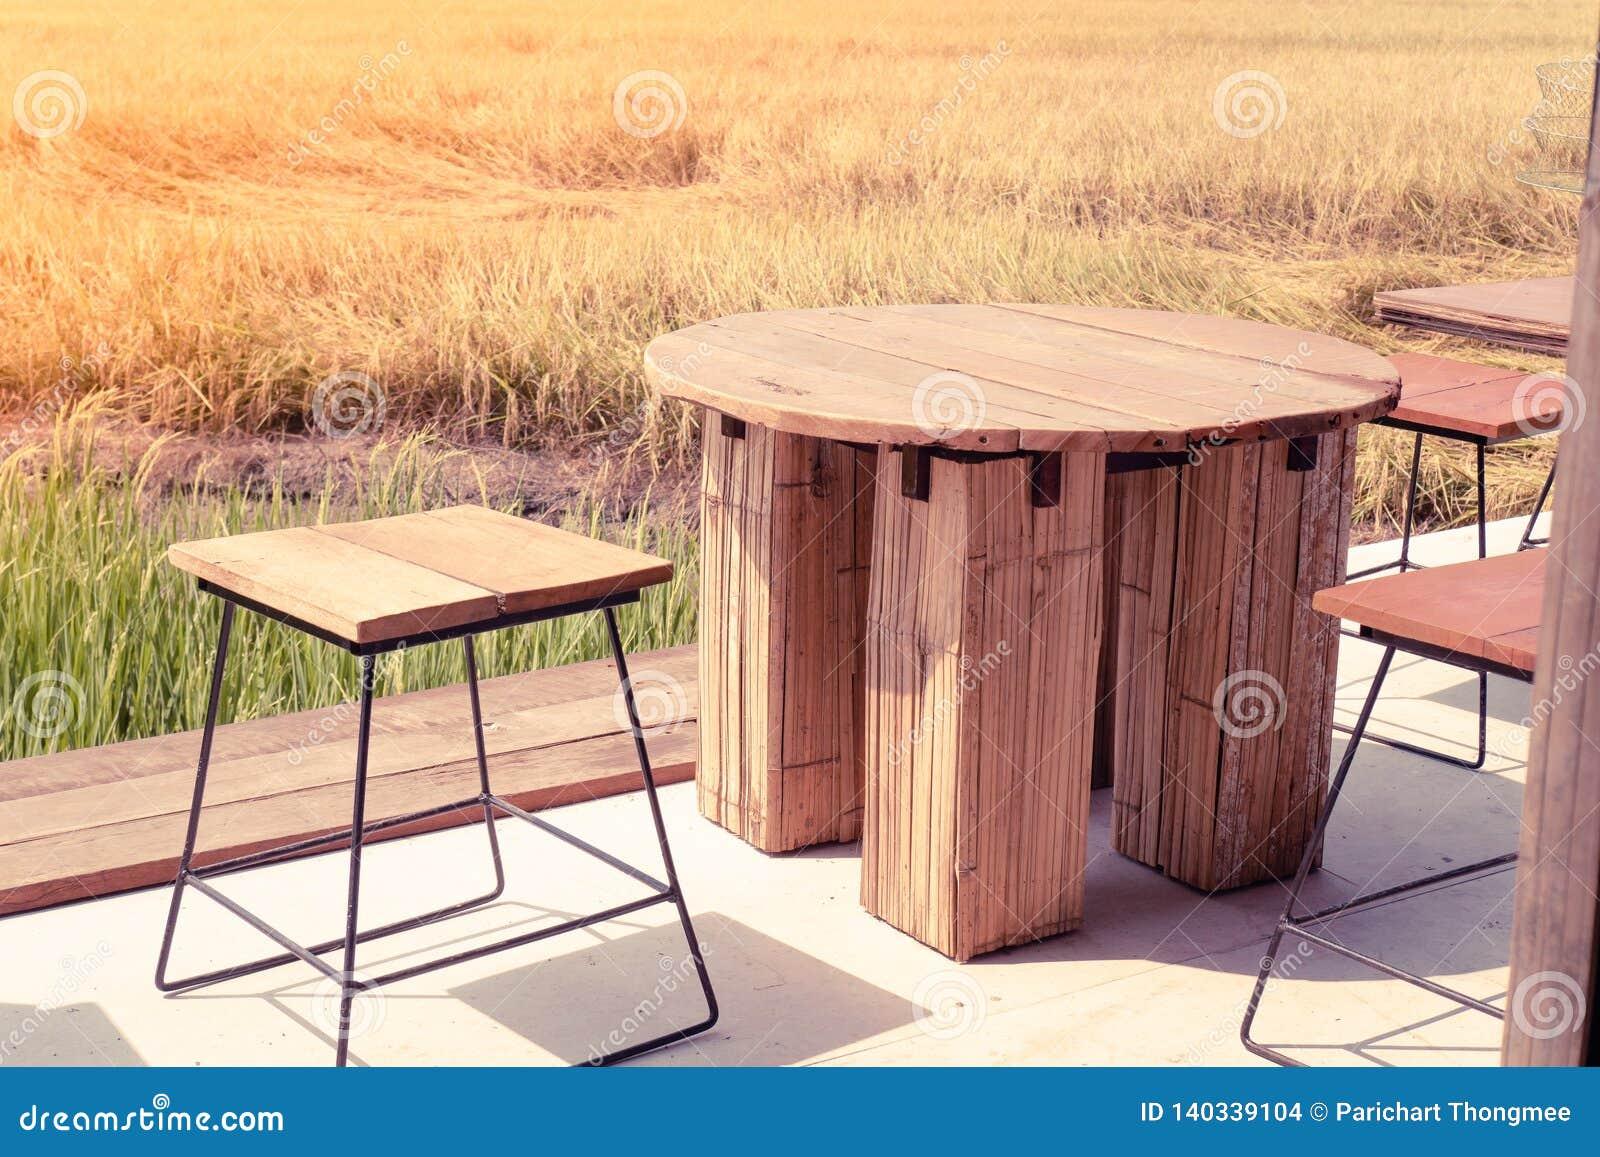 Sedia di tavola di legno vuota nei campi aperti Libertà ufficio dappertutto fondo di idea di concetto di stile di vita